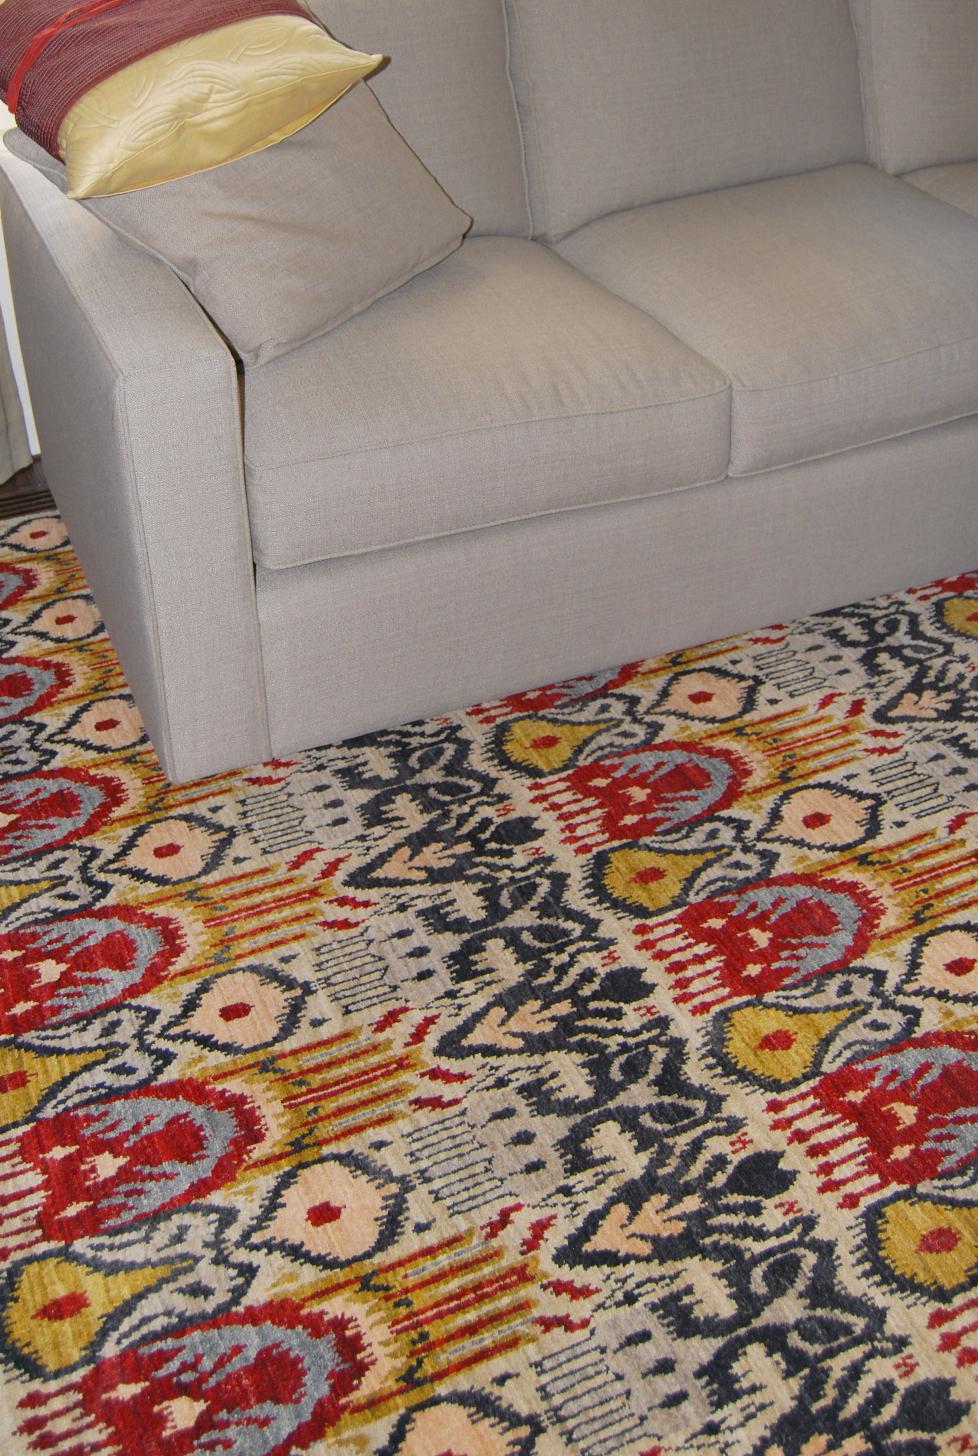 Rug and sofa selection. Palmolive Building.